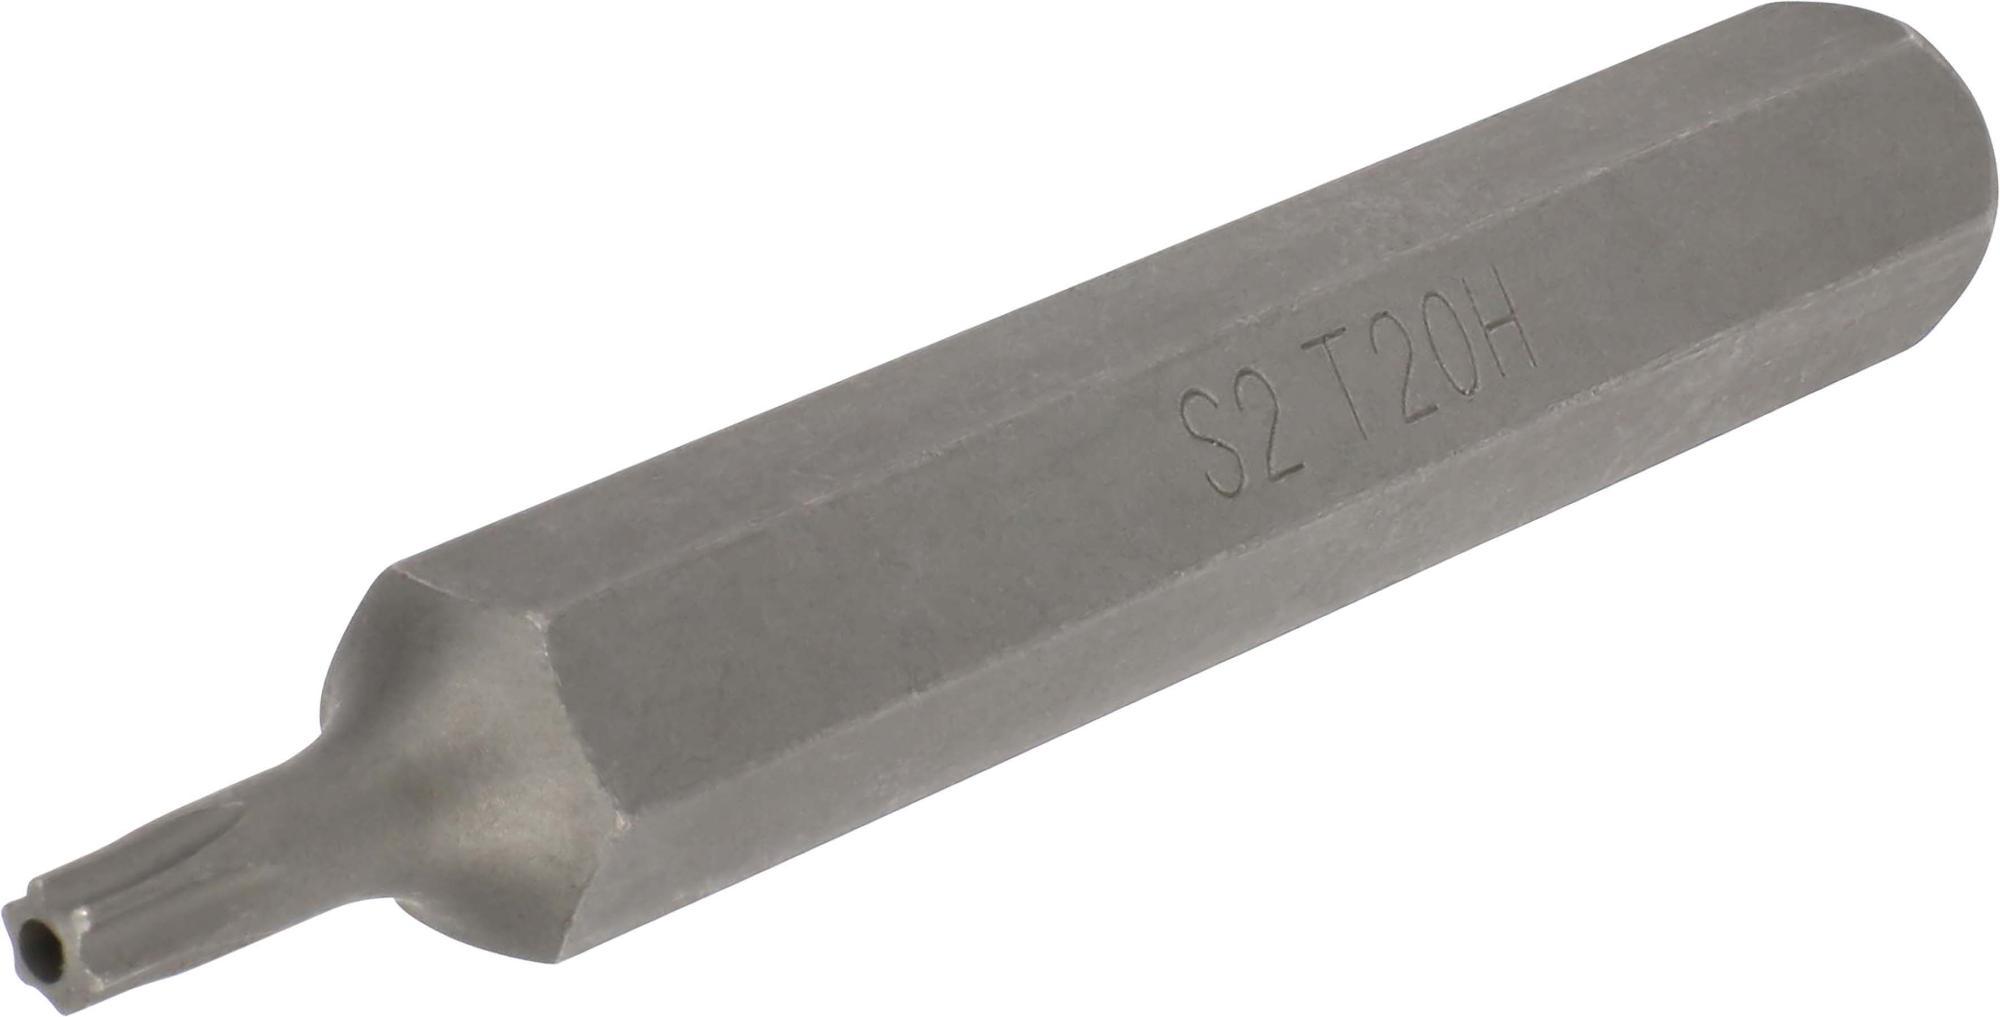 Bit, 10 mm 6-hran, TORX SLB T20x75 mm